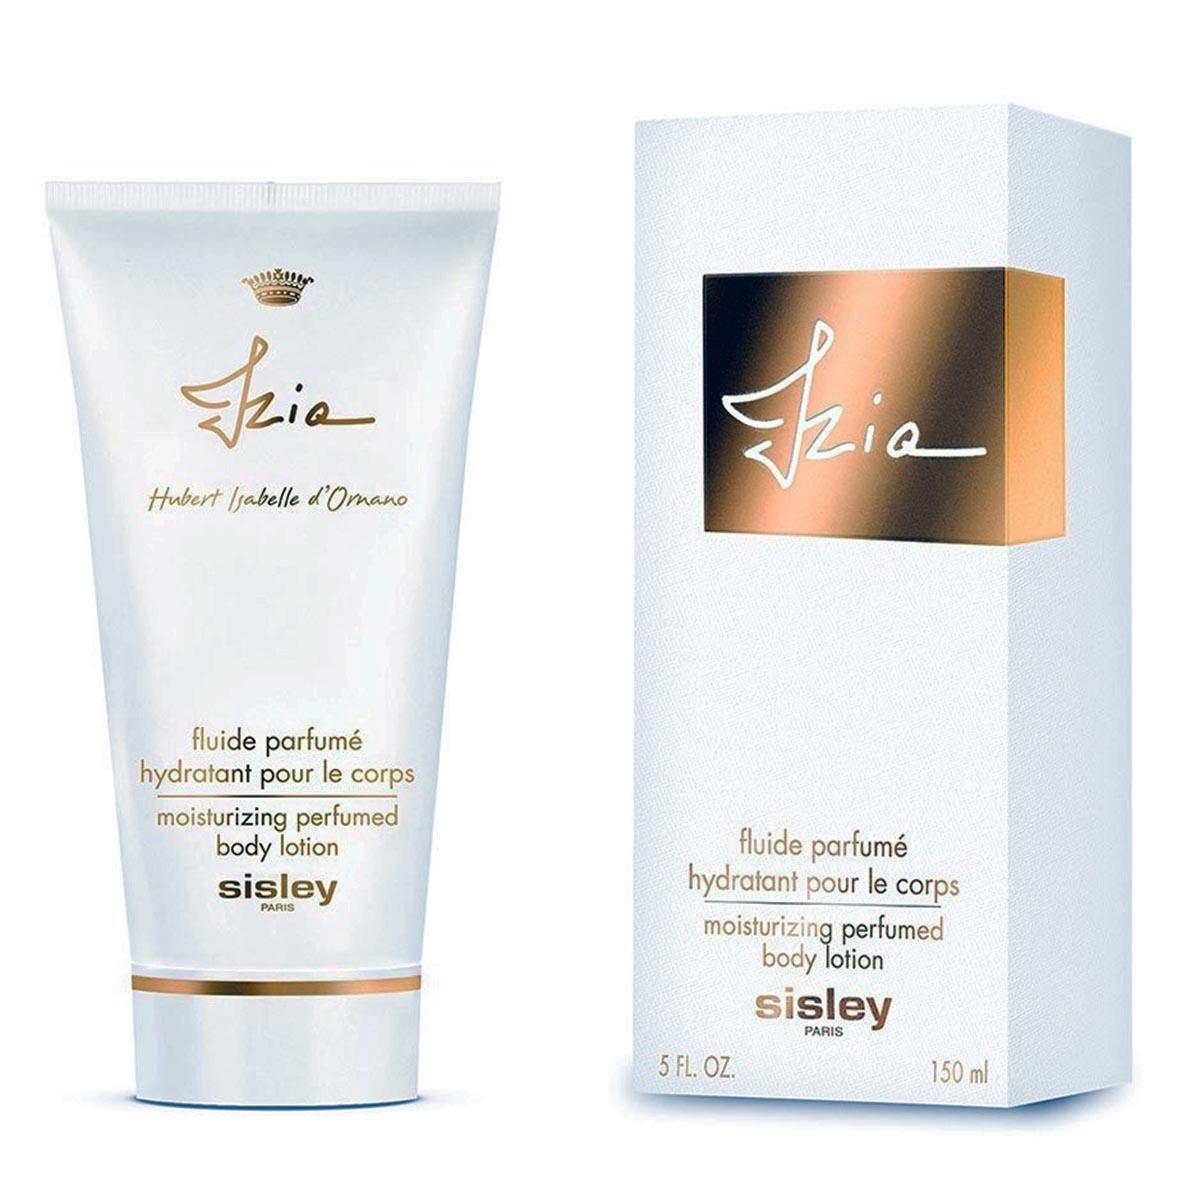 Sisley izia moisturizing perfumed body lotion 150ml